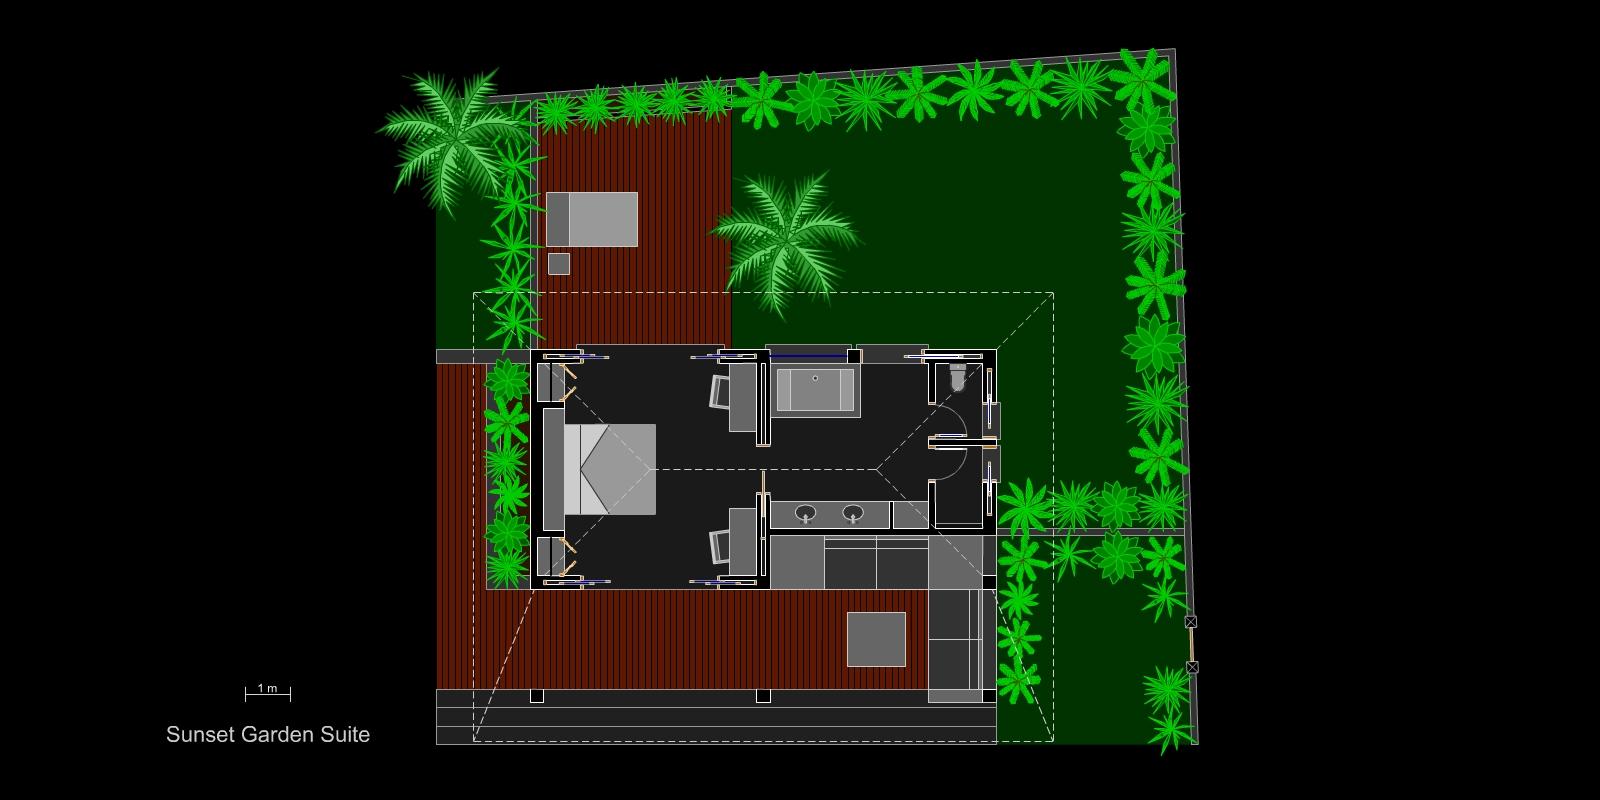 villa-matahari-garden-suite-layout